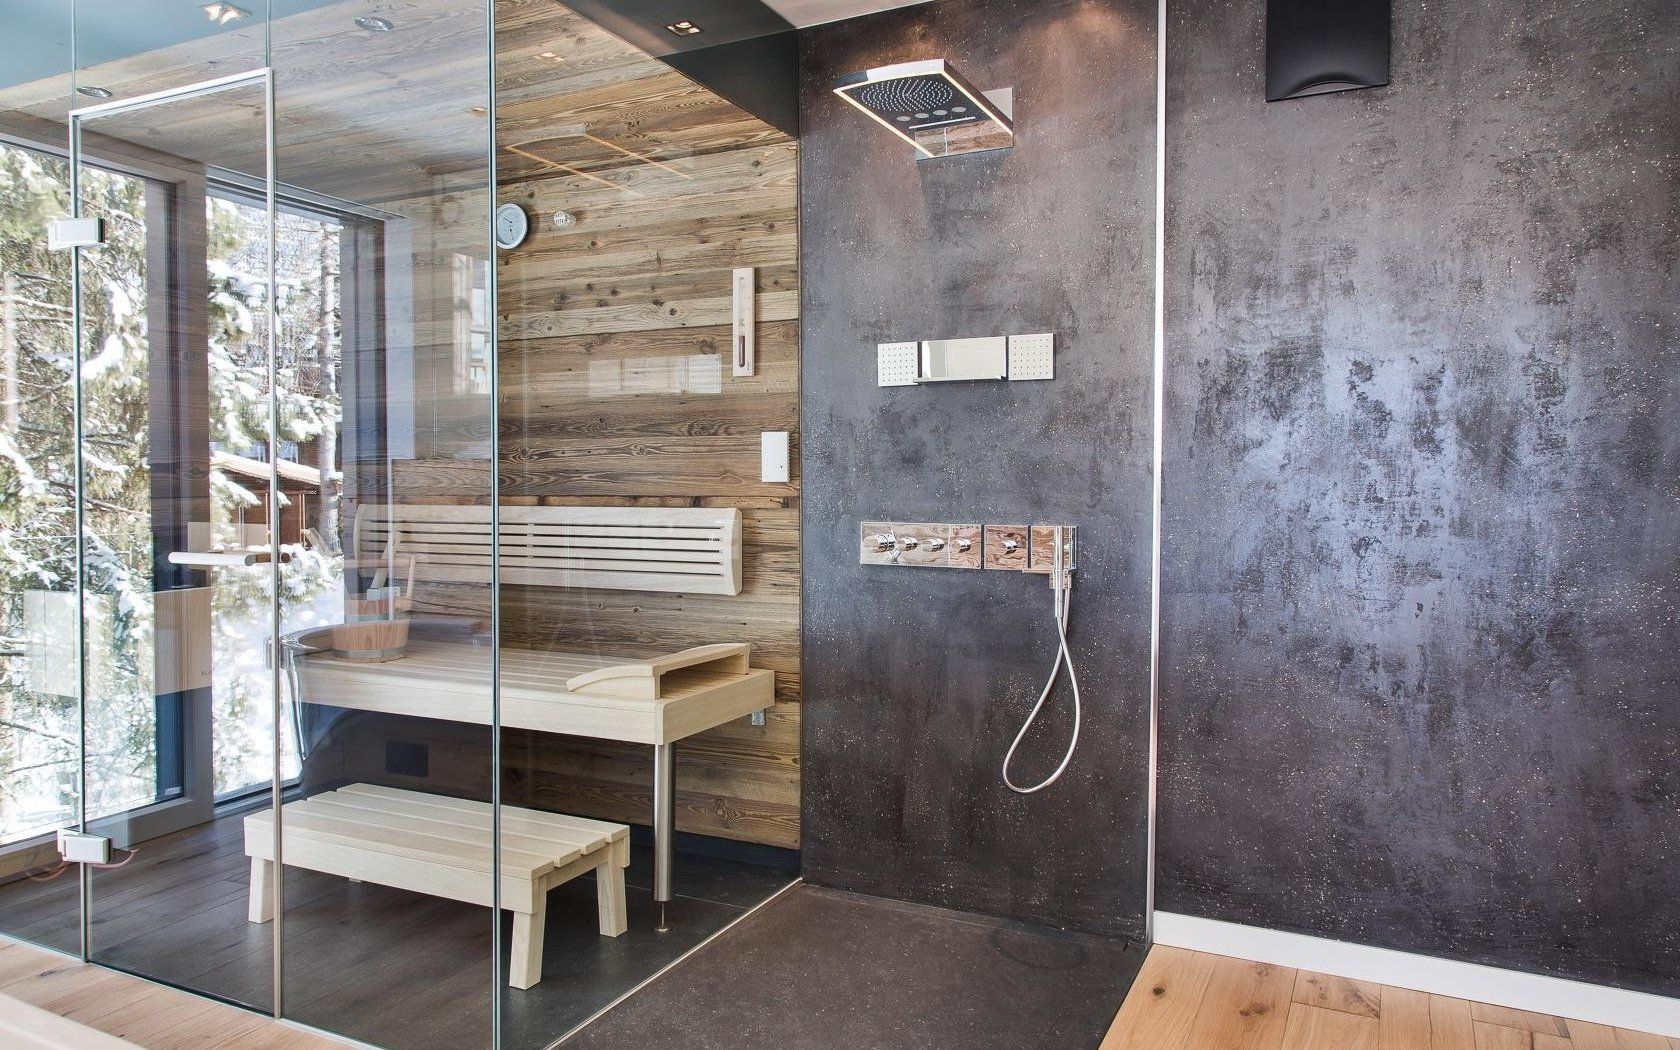 Badezimmer Sauna ~ Regendusche mit integrierter sauna badezimmer